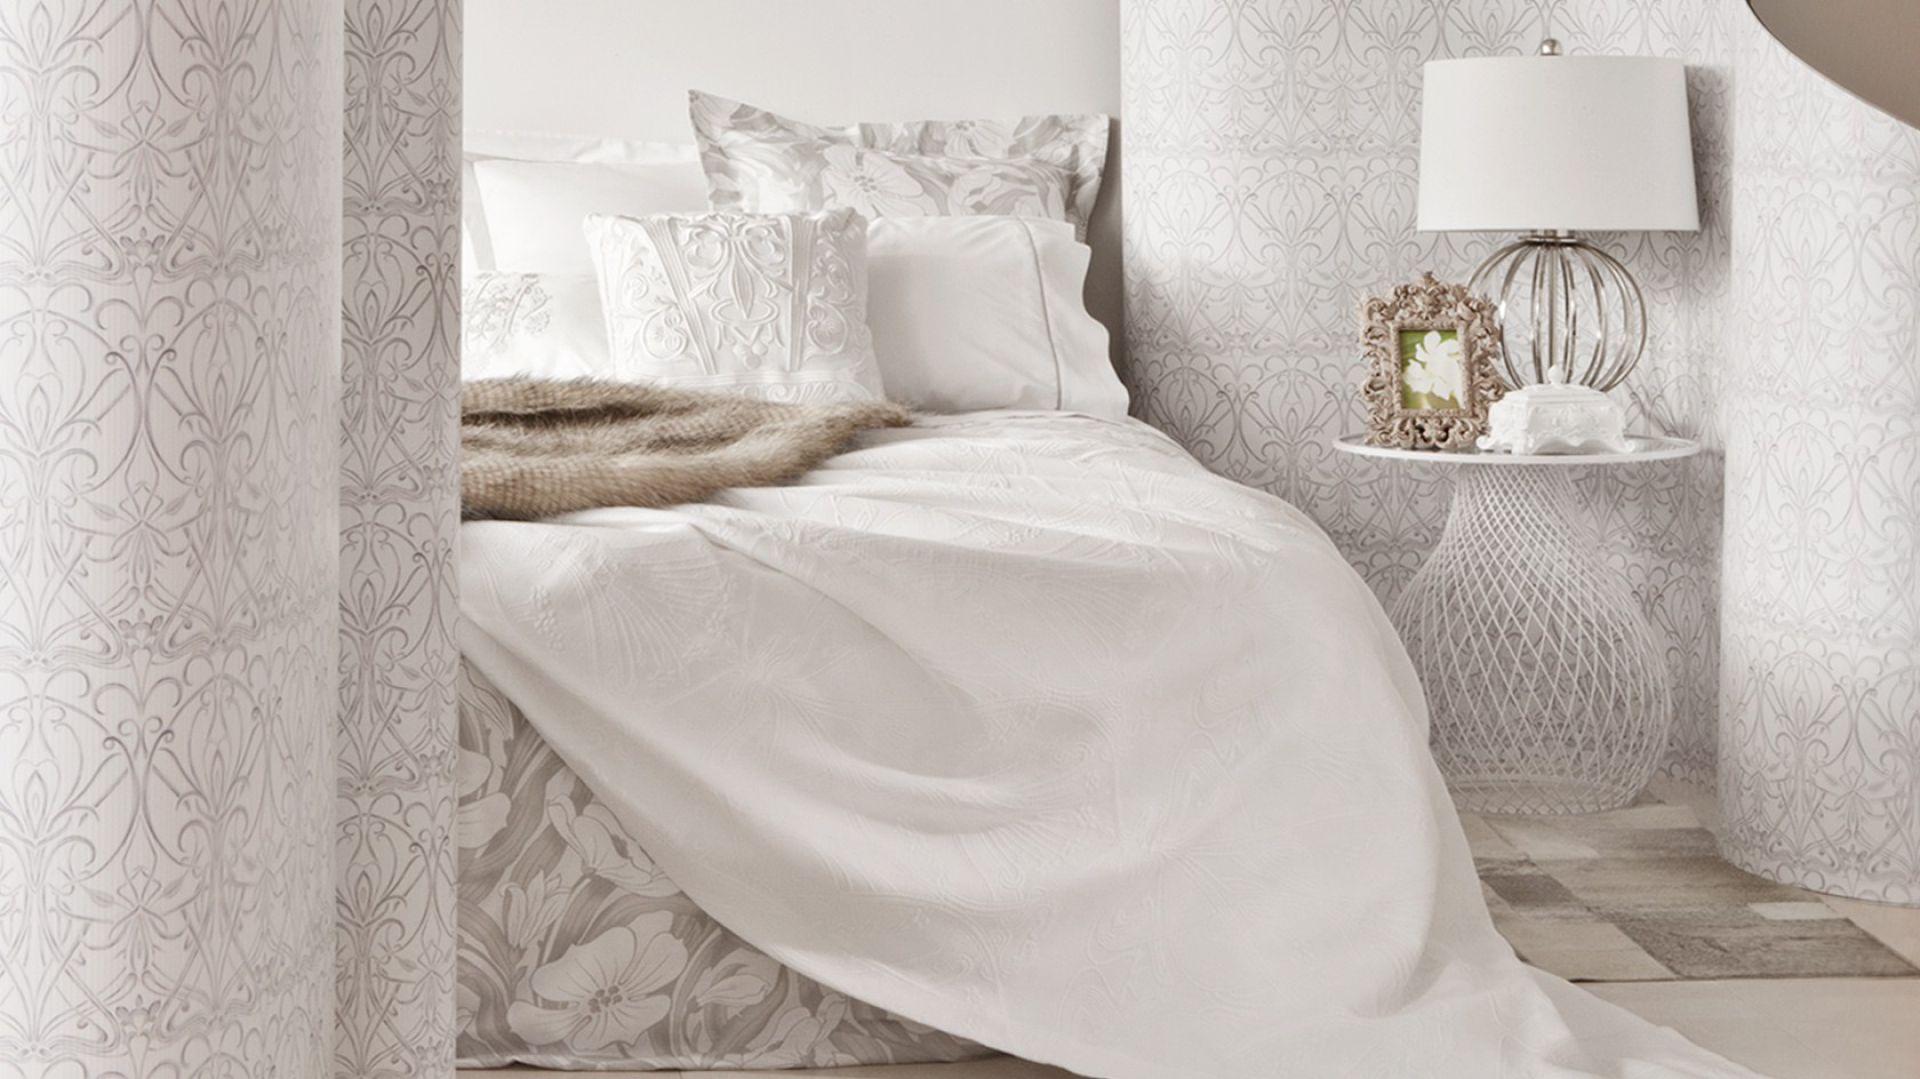 Romantyczna Sypialnia Inspirujace Aranzacje